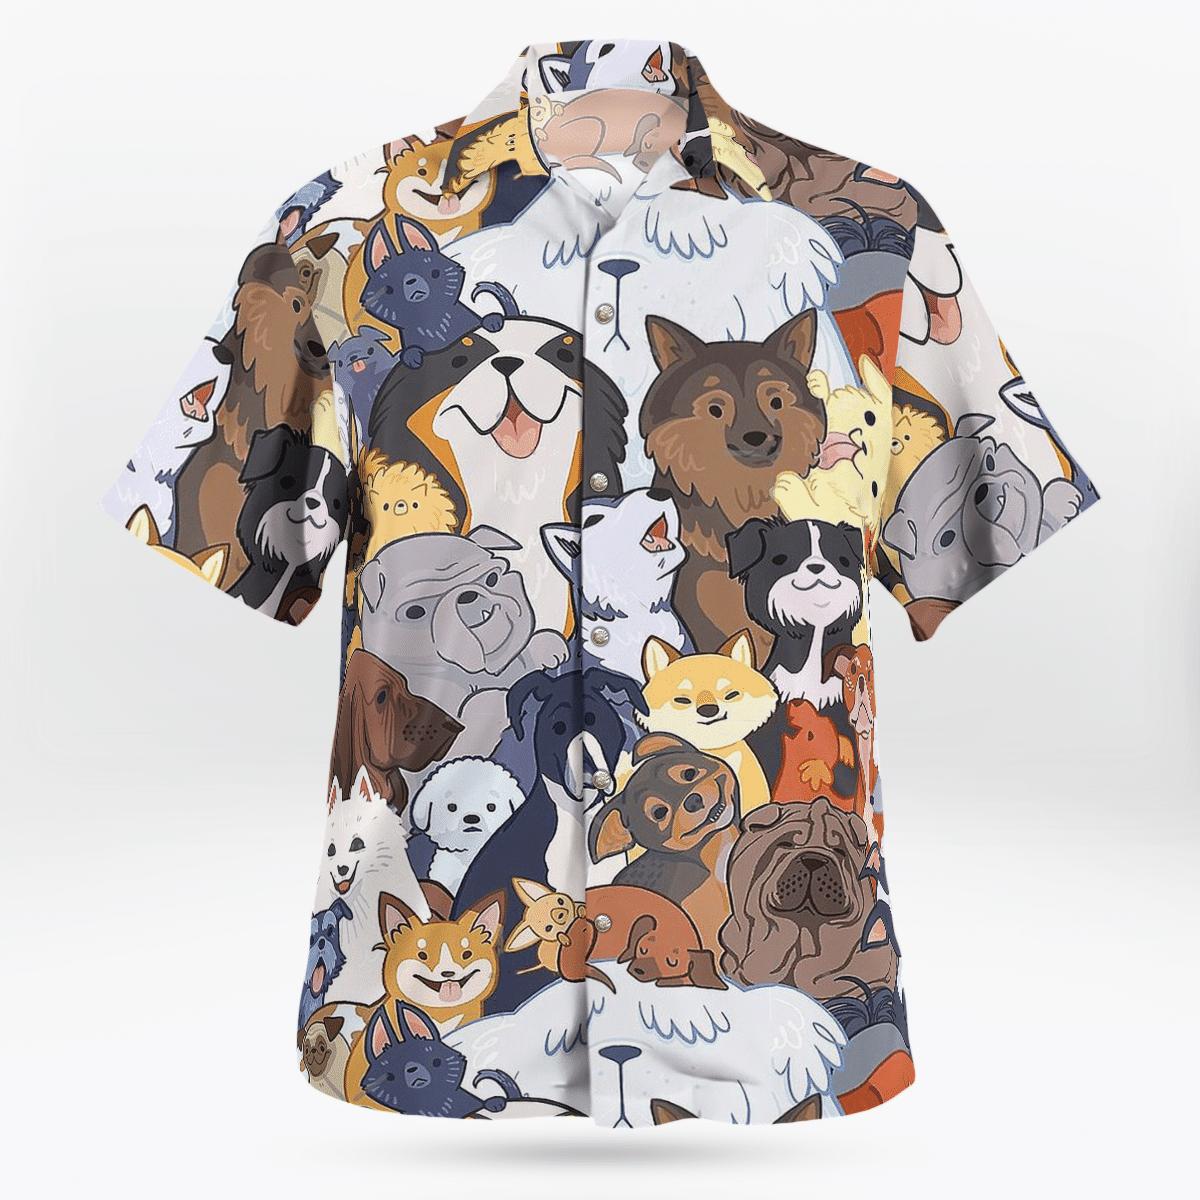 Top 10 Hawaiian shirts in Summer part 2